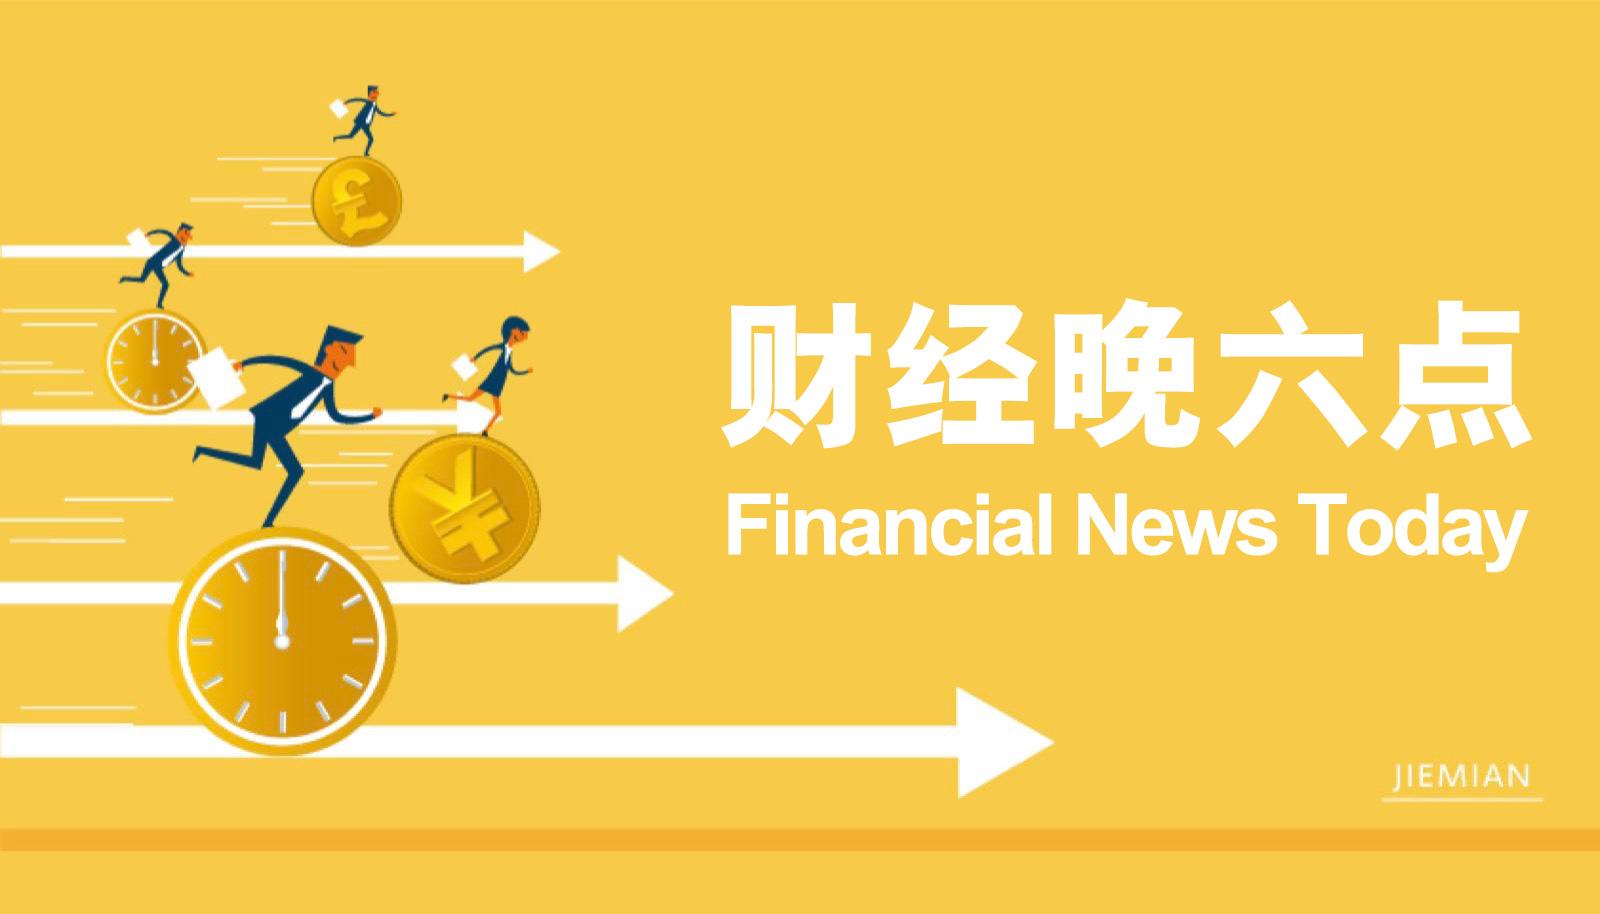 广东一村新生儿补贴每月3000元起花呗接入征信系统|财经晚6点